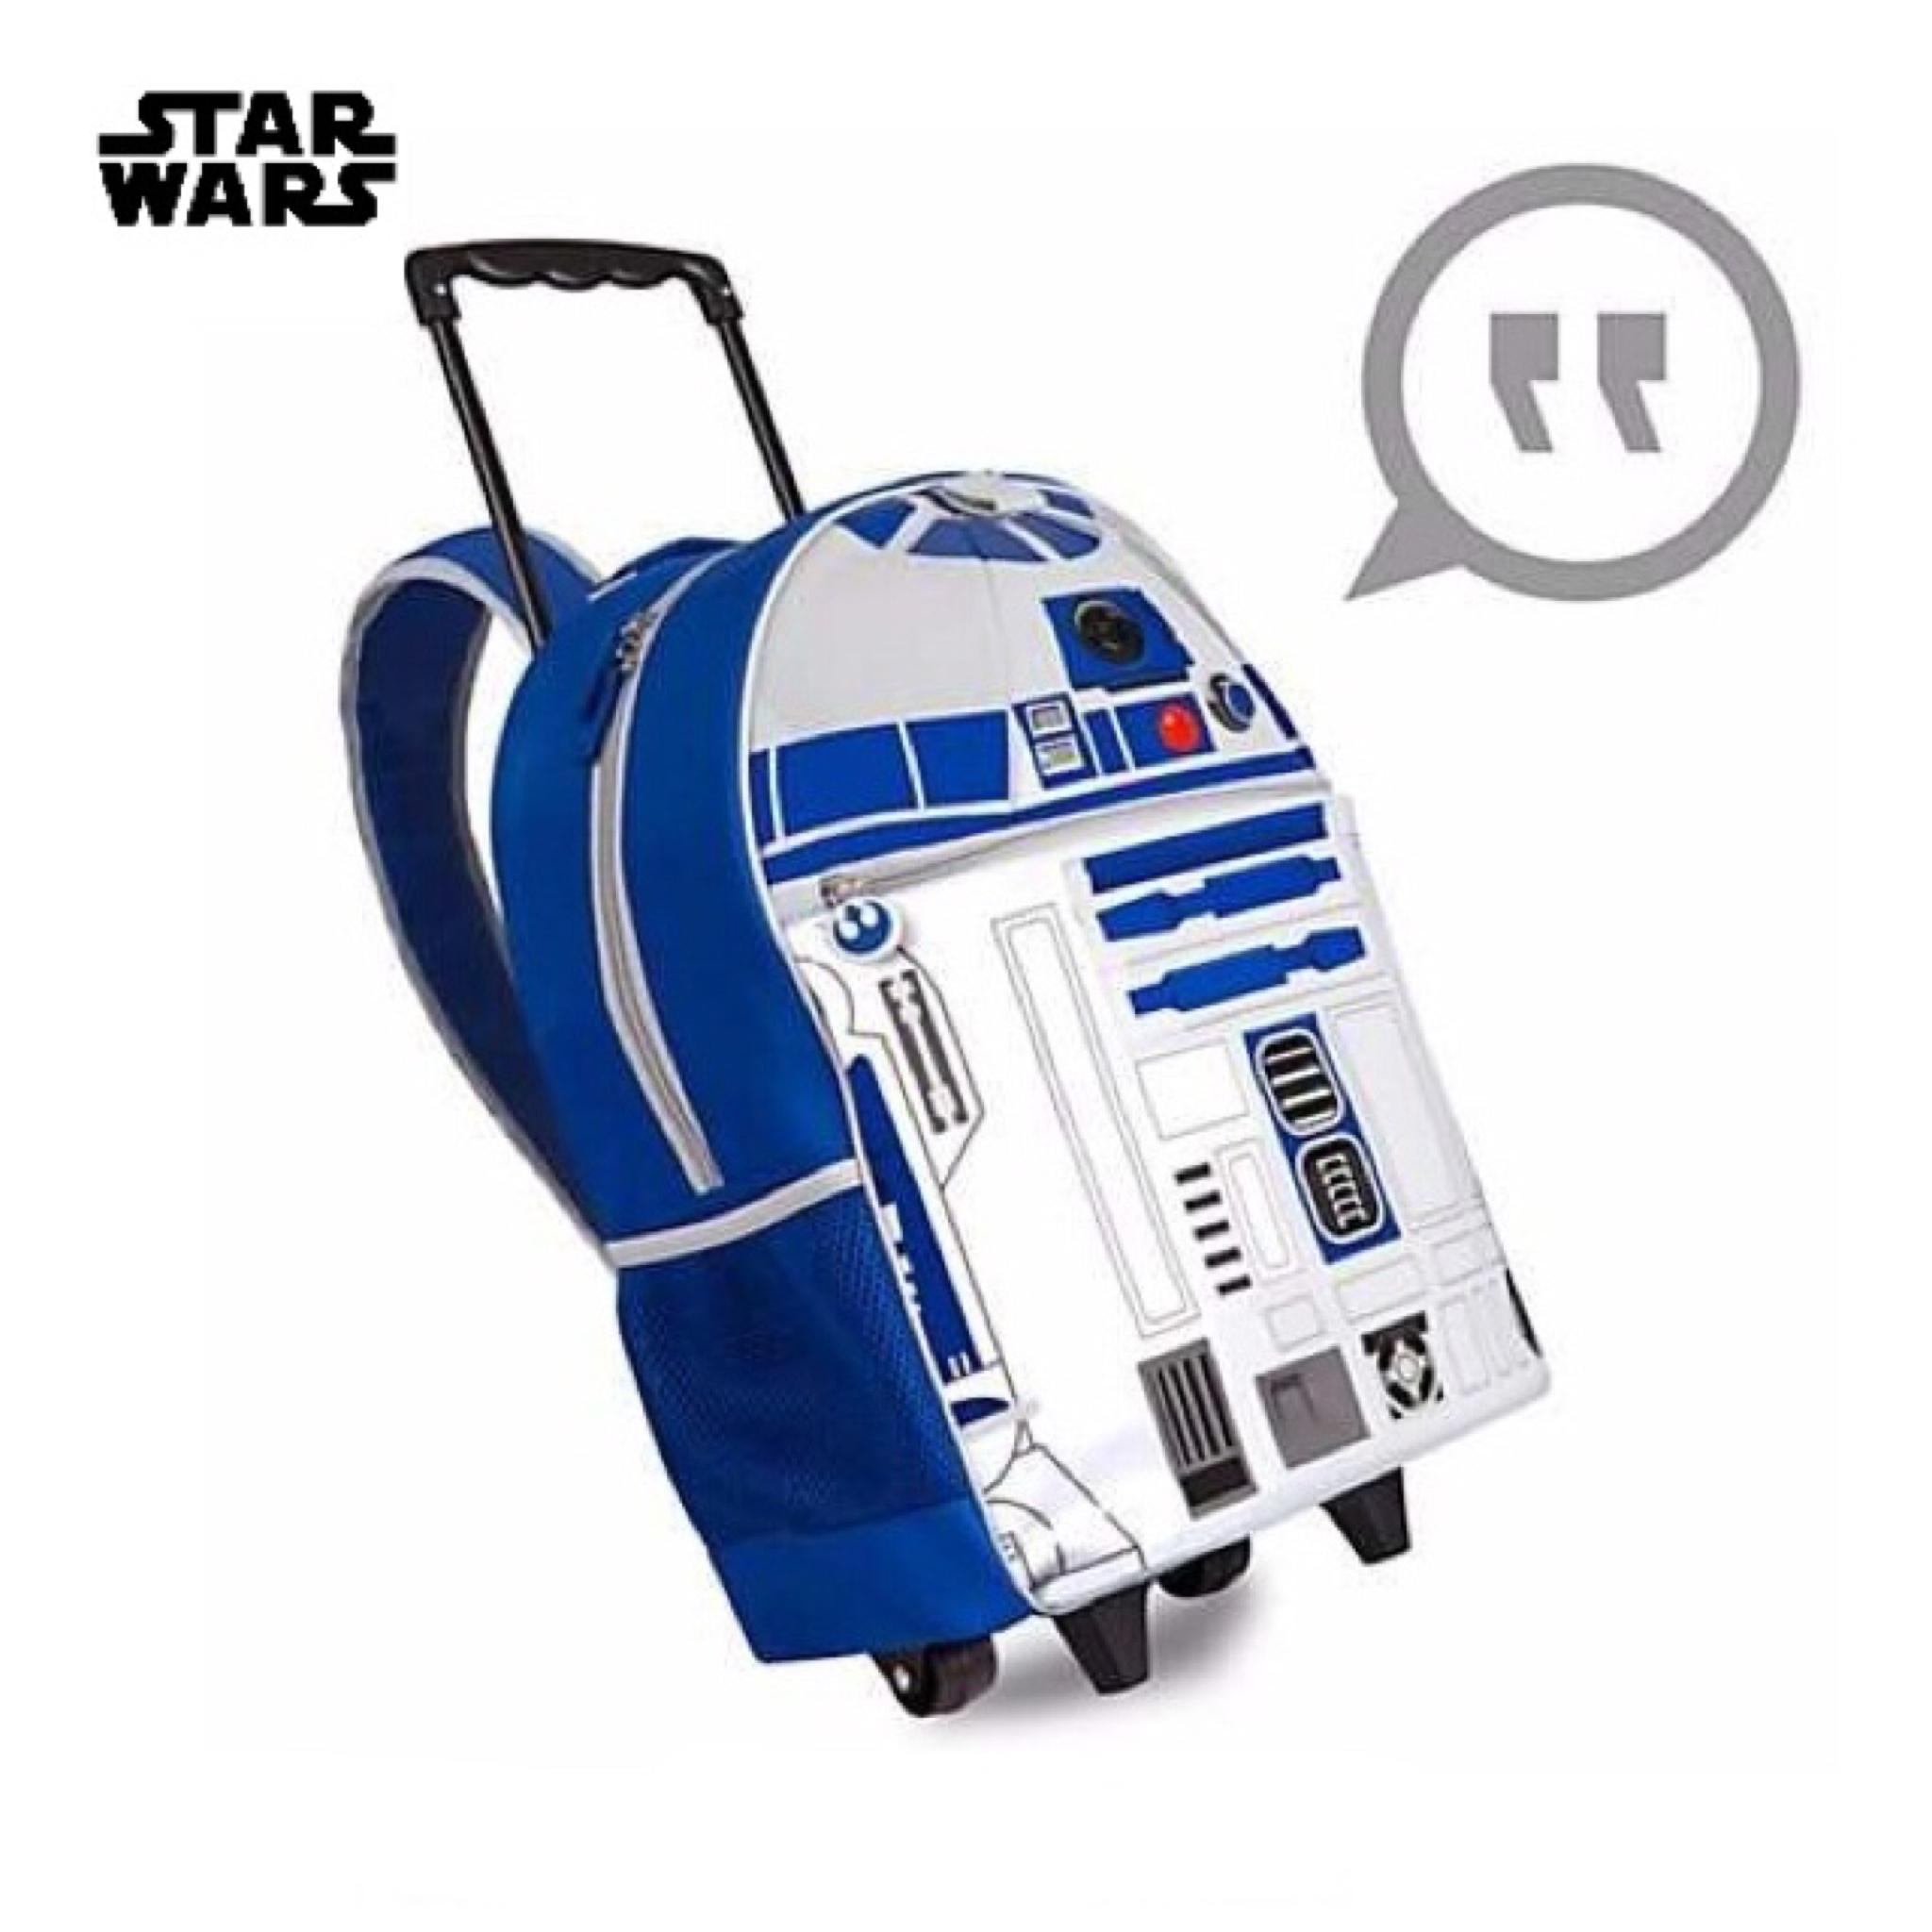 กระเป๋าสะพายพร้อมมือจับและล้อลาก Disney Talking Light-Up Rolling Backpack (R2-D2)